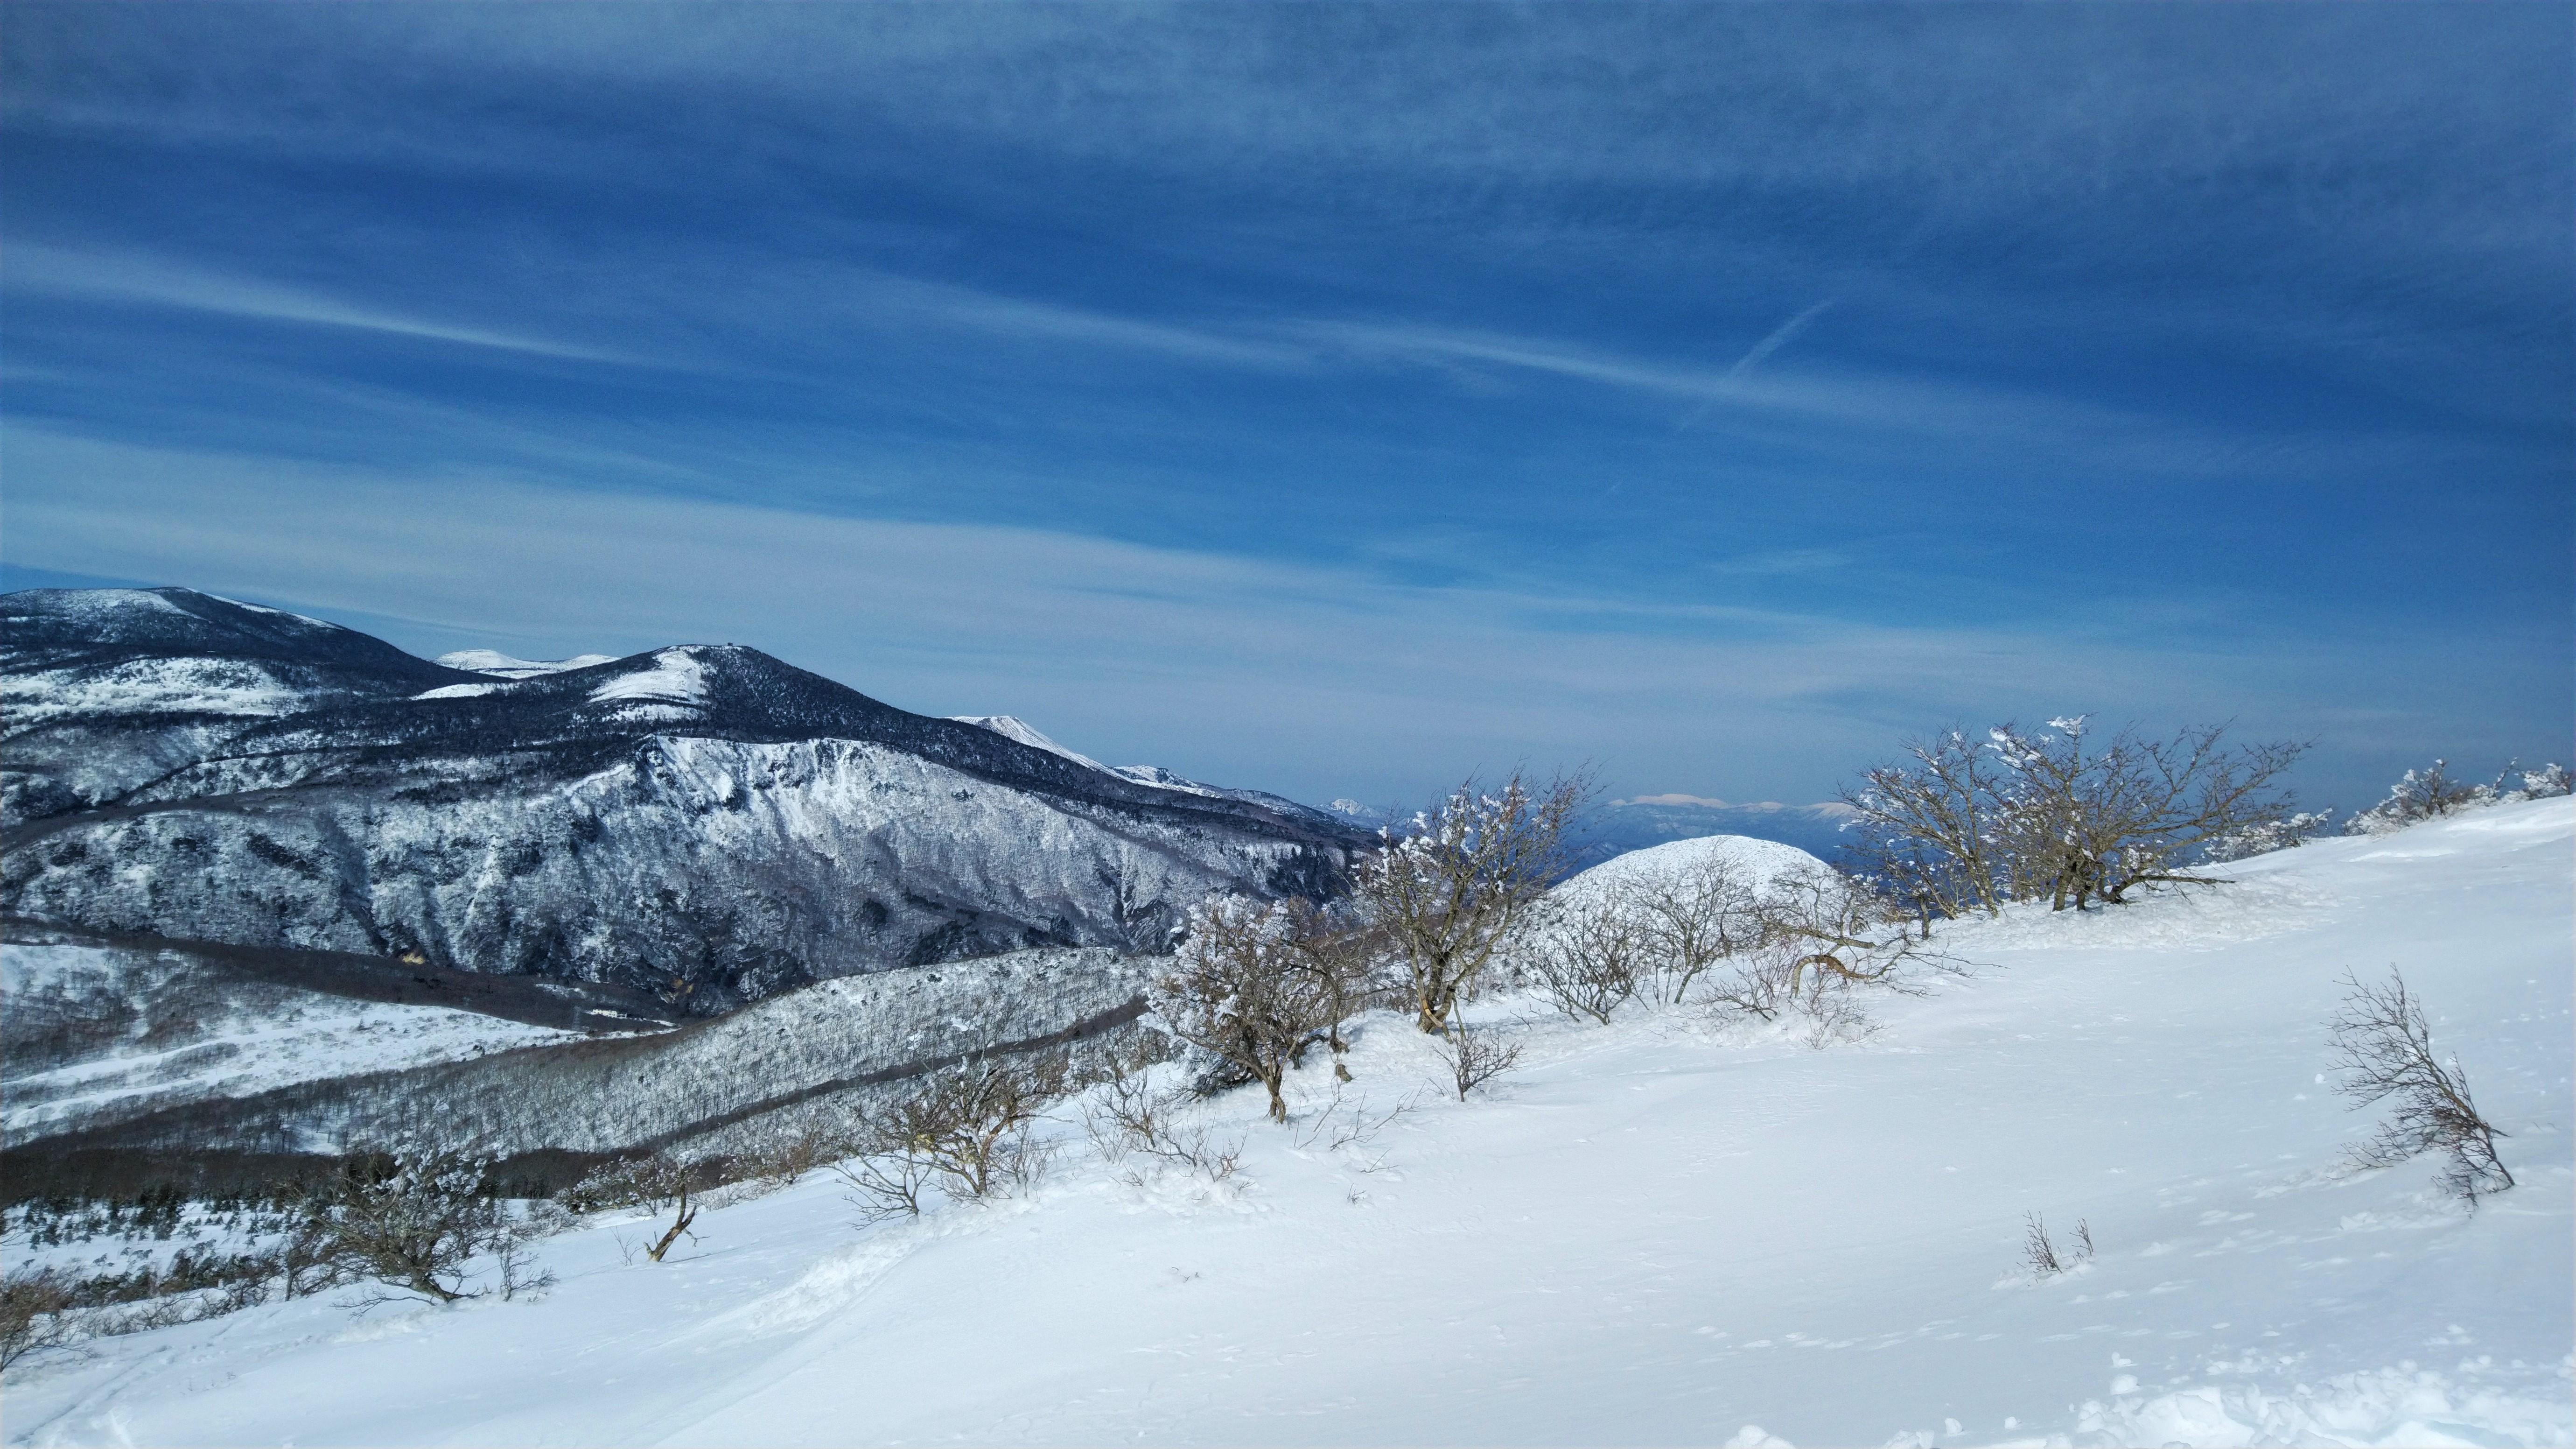 千葉県 東京 天然石 ルース 販売 雪山の写真で涼んでね。